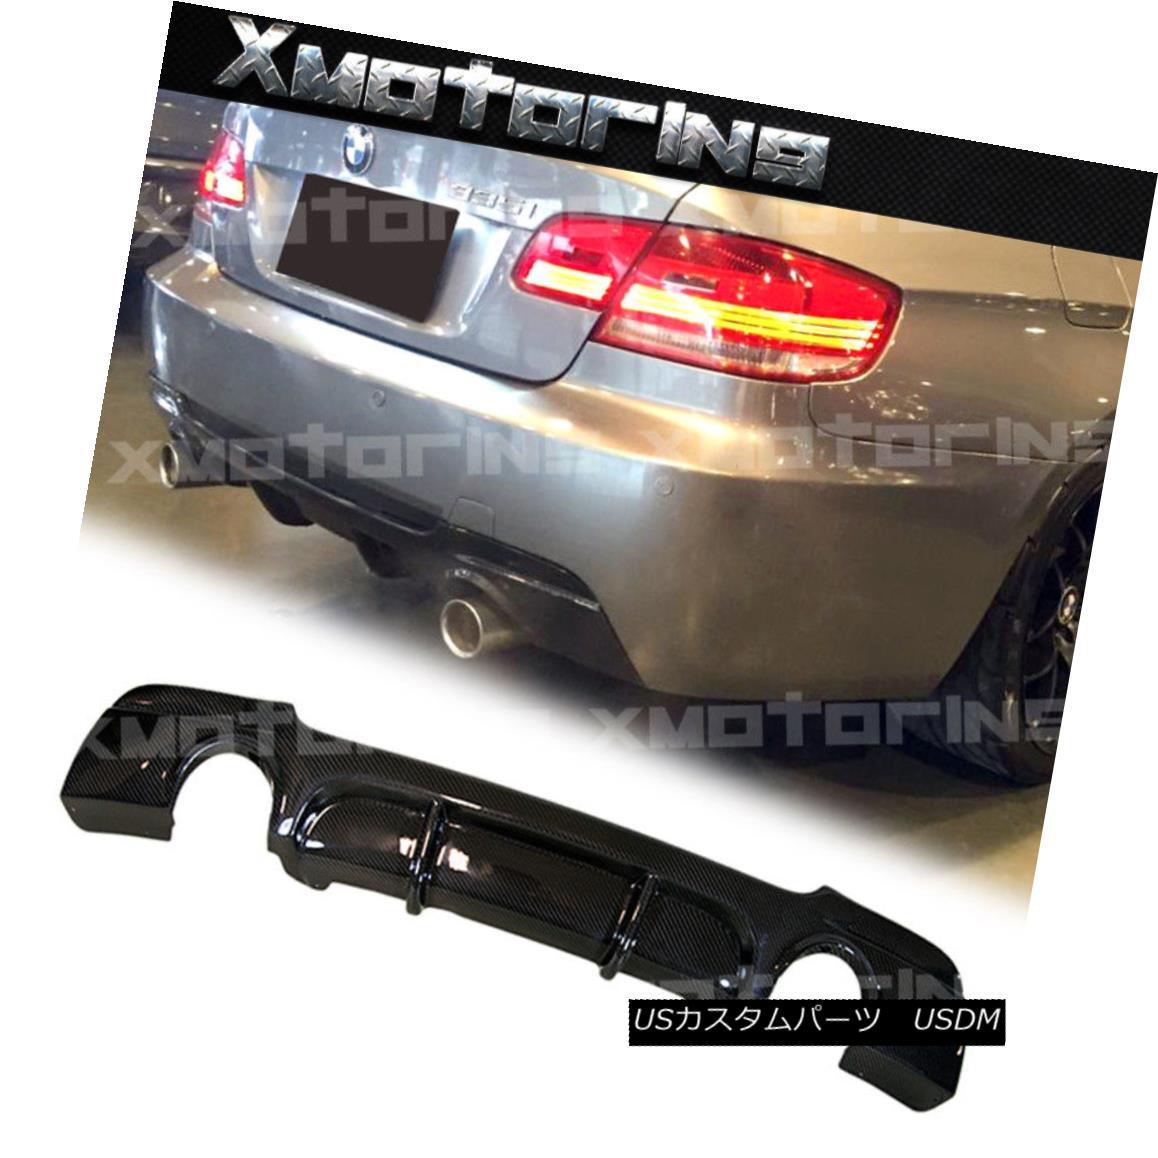 エアロパーツ For BMW 07-13 E92 E93 328i 325i M-Tech Bumper P Type Carbon Fiber Rear Diffuser BMW 07-13 E92 E93 328i 325i M-TechバンパーPタイプカーボンファイバーリアディフューザー